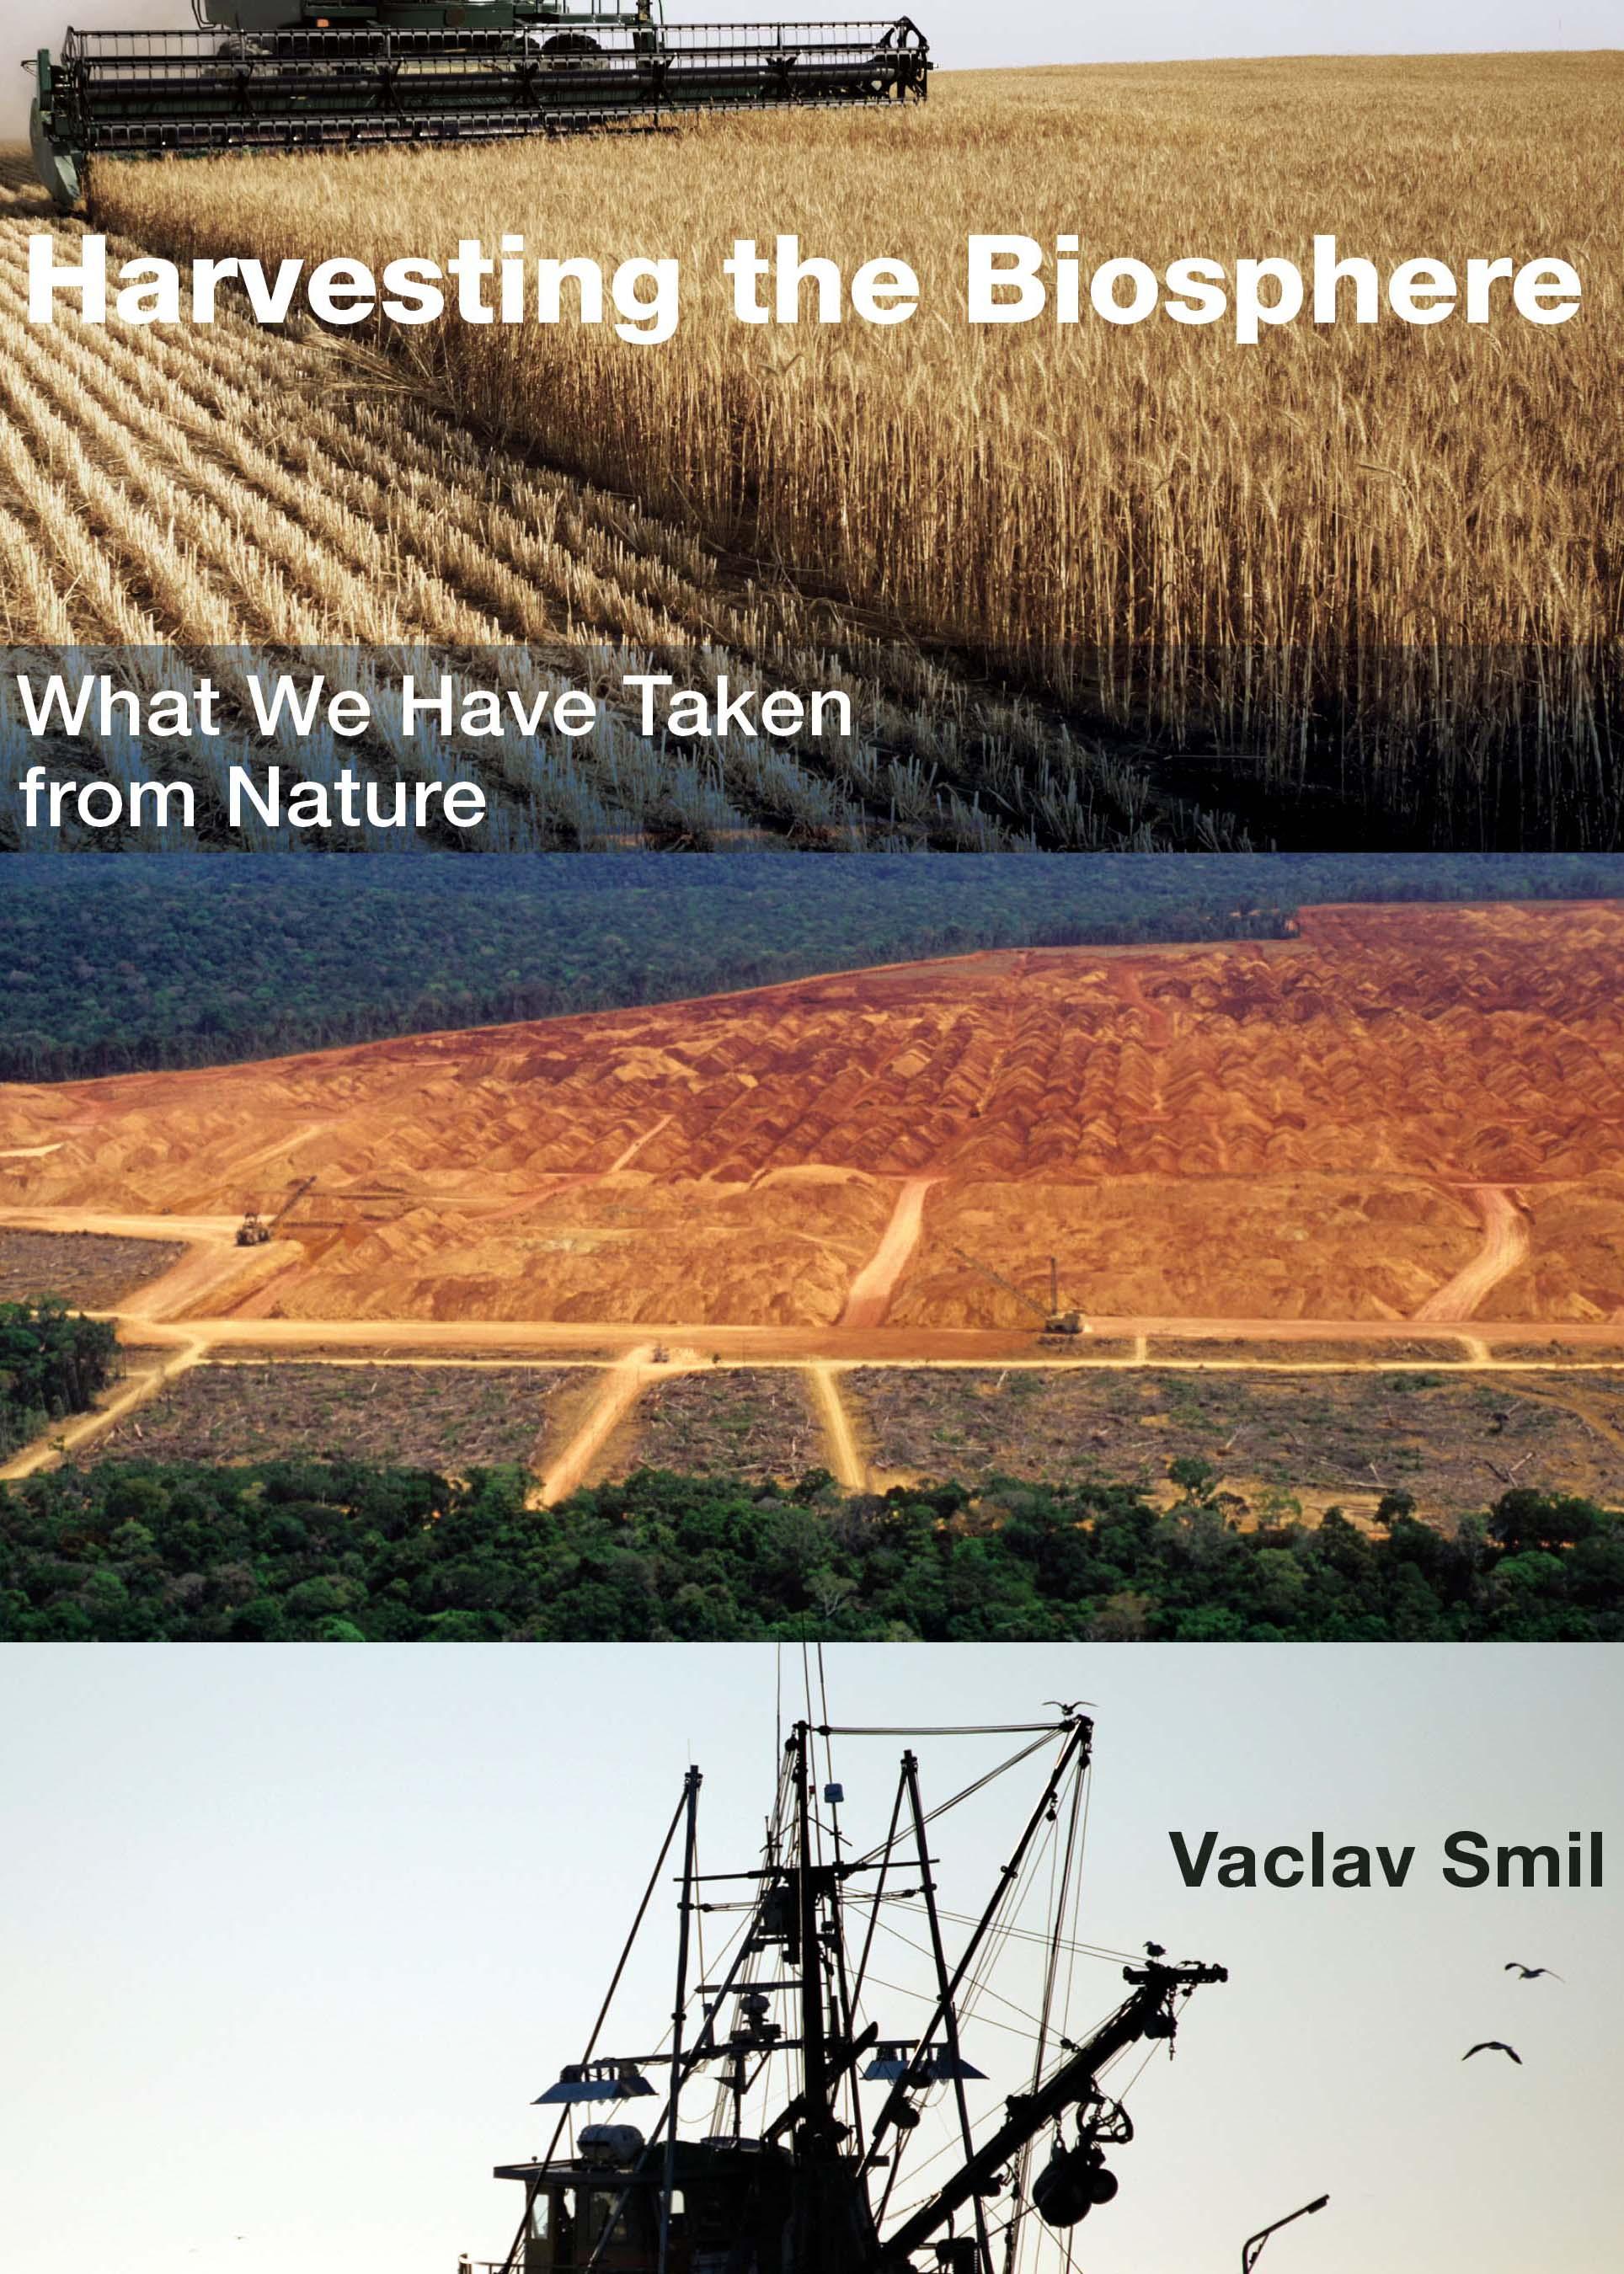 Smil, Vaclac - Haverting the Biosphere.jpg